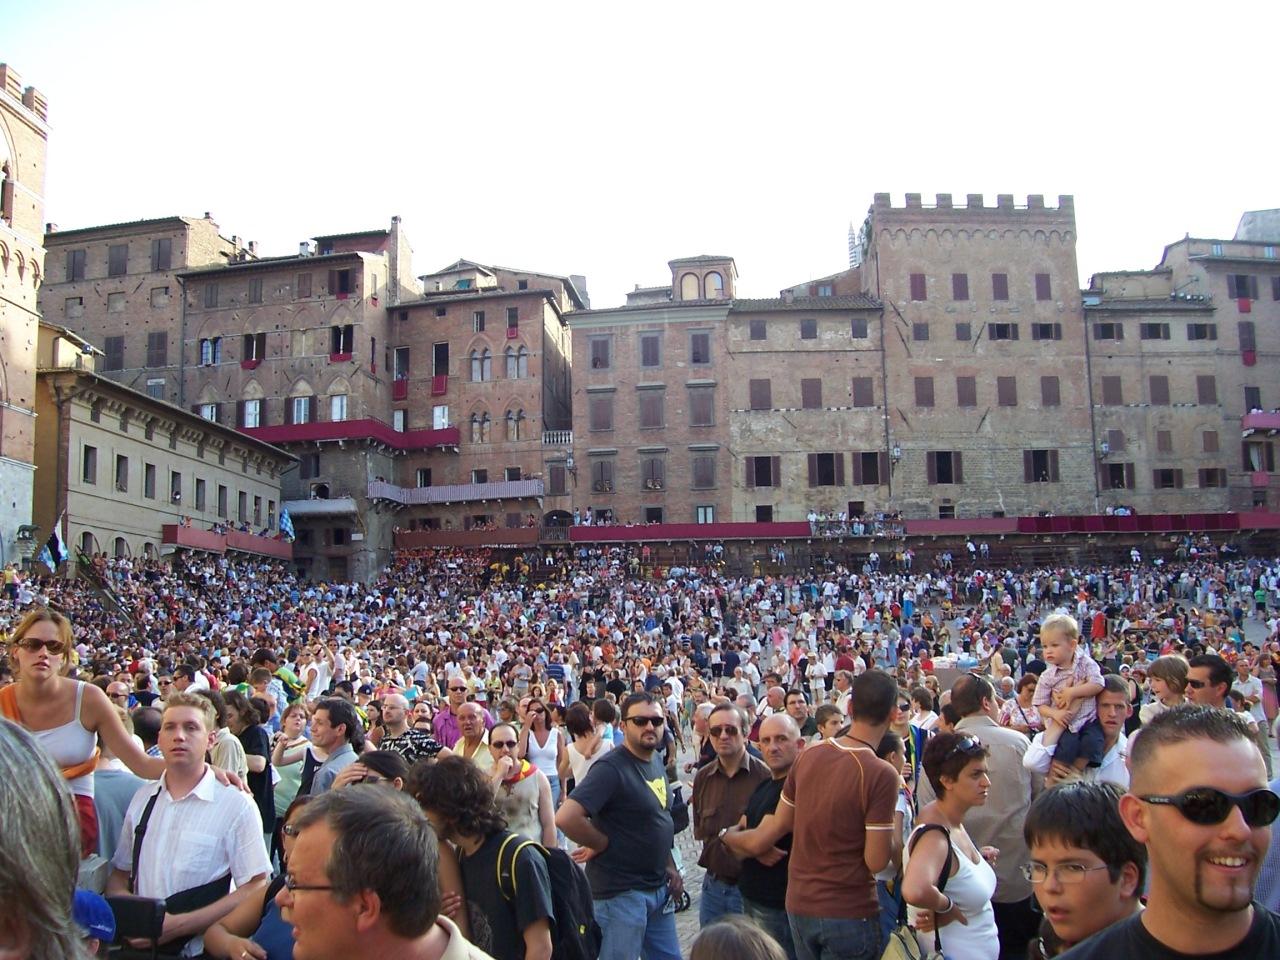 Piazza del Campo full